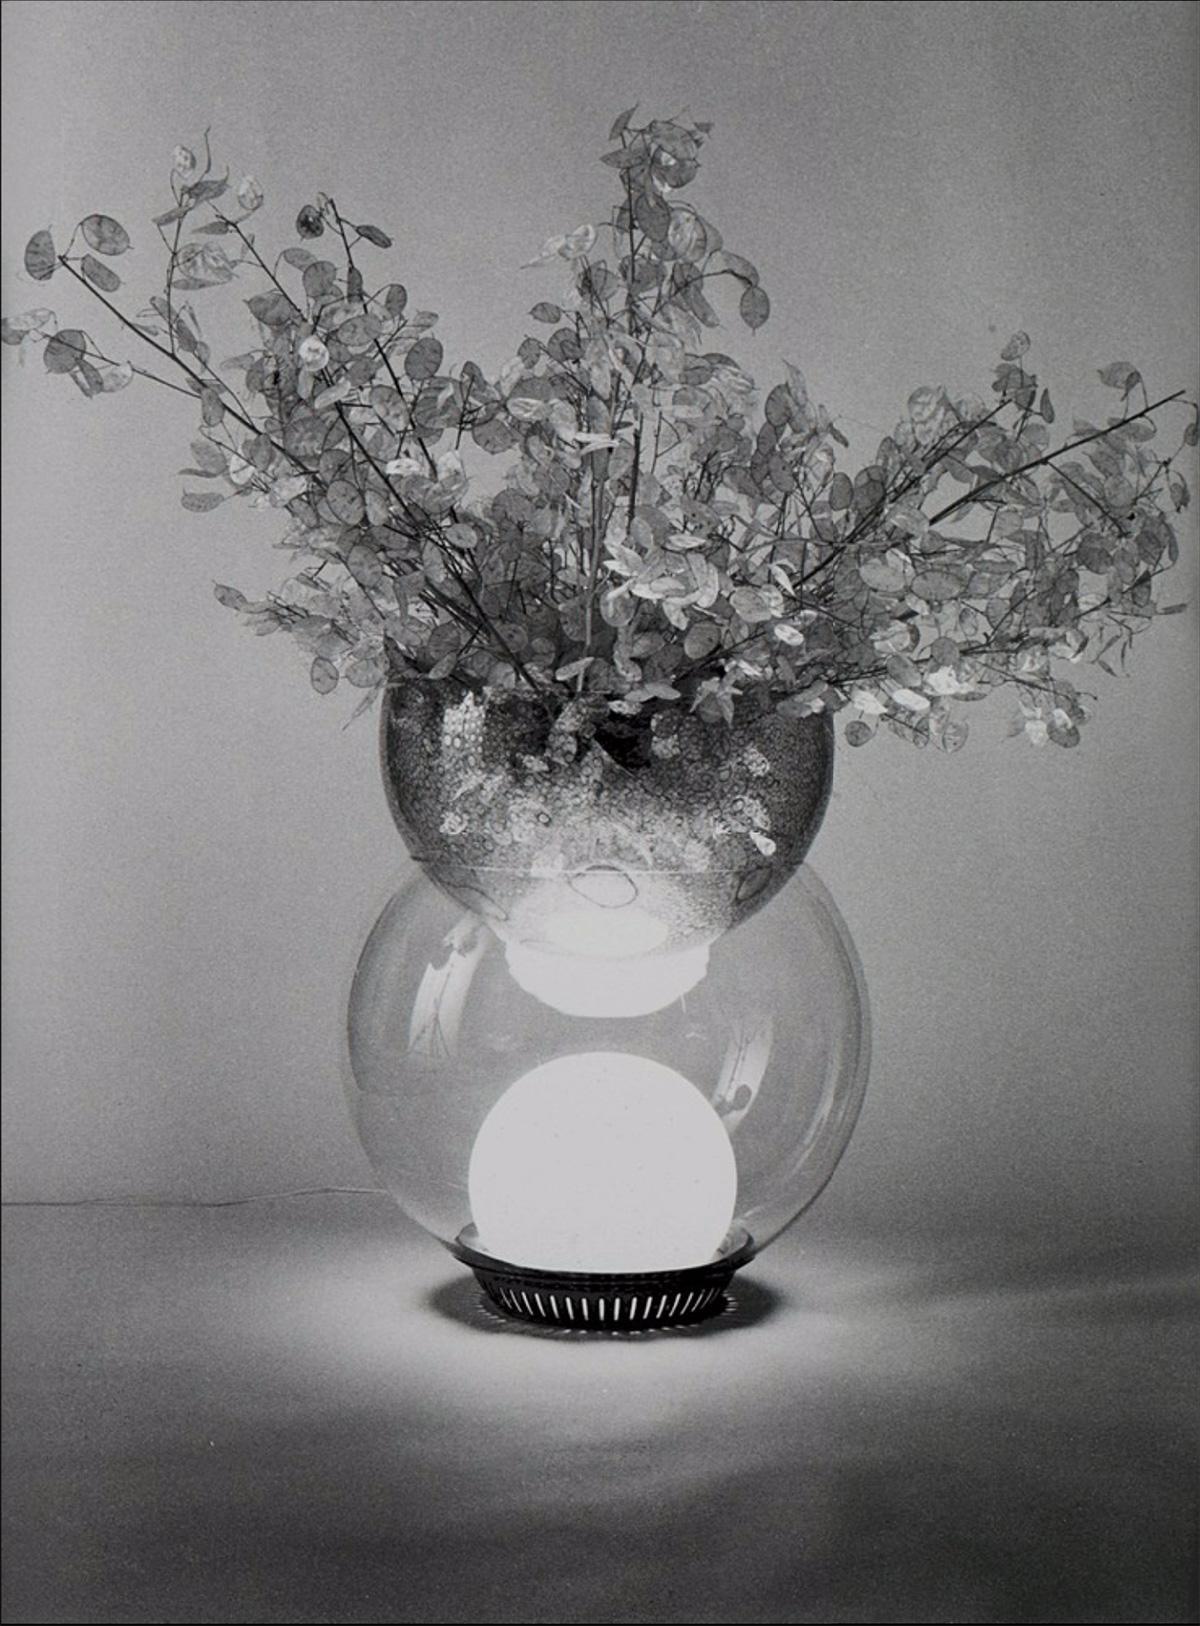 Gae Aulenti Giova Lamp for Fontana Arteimage 12